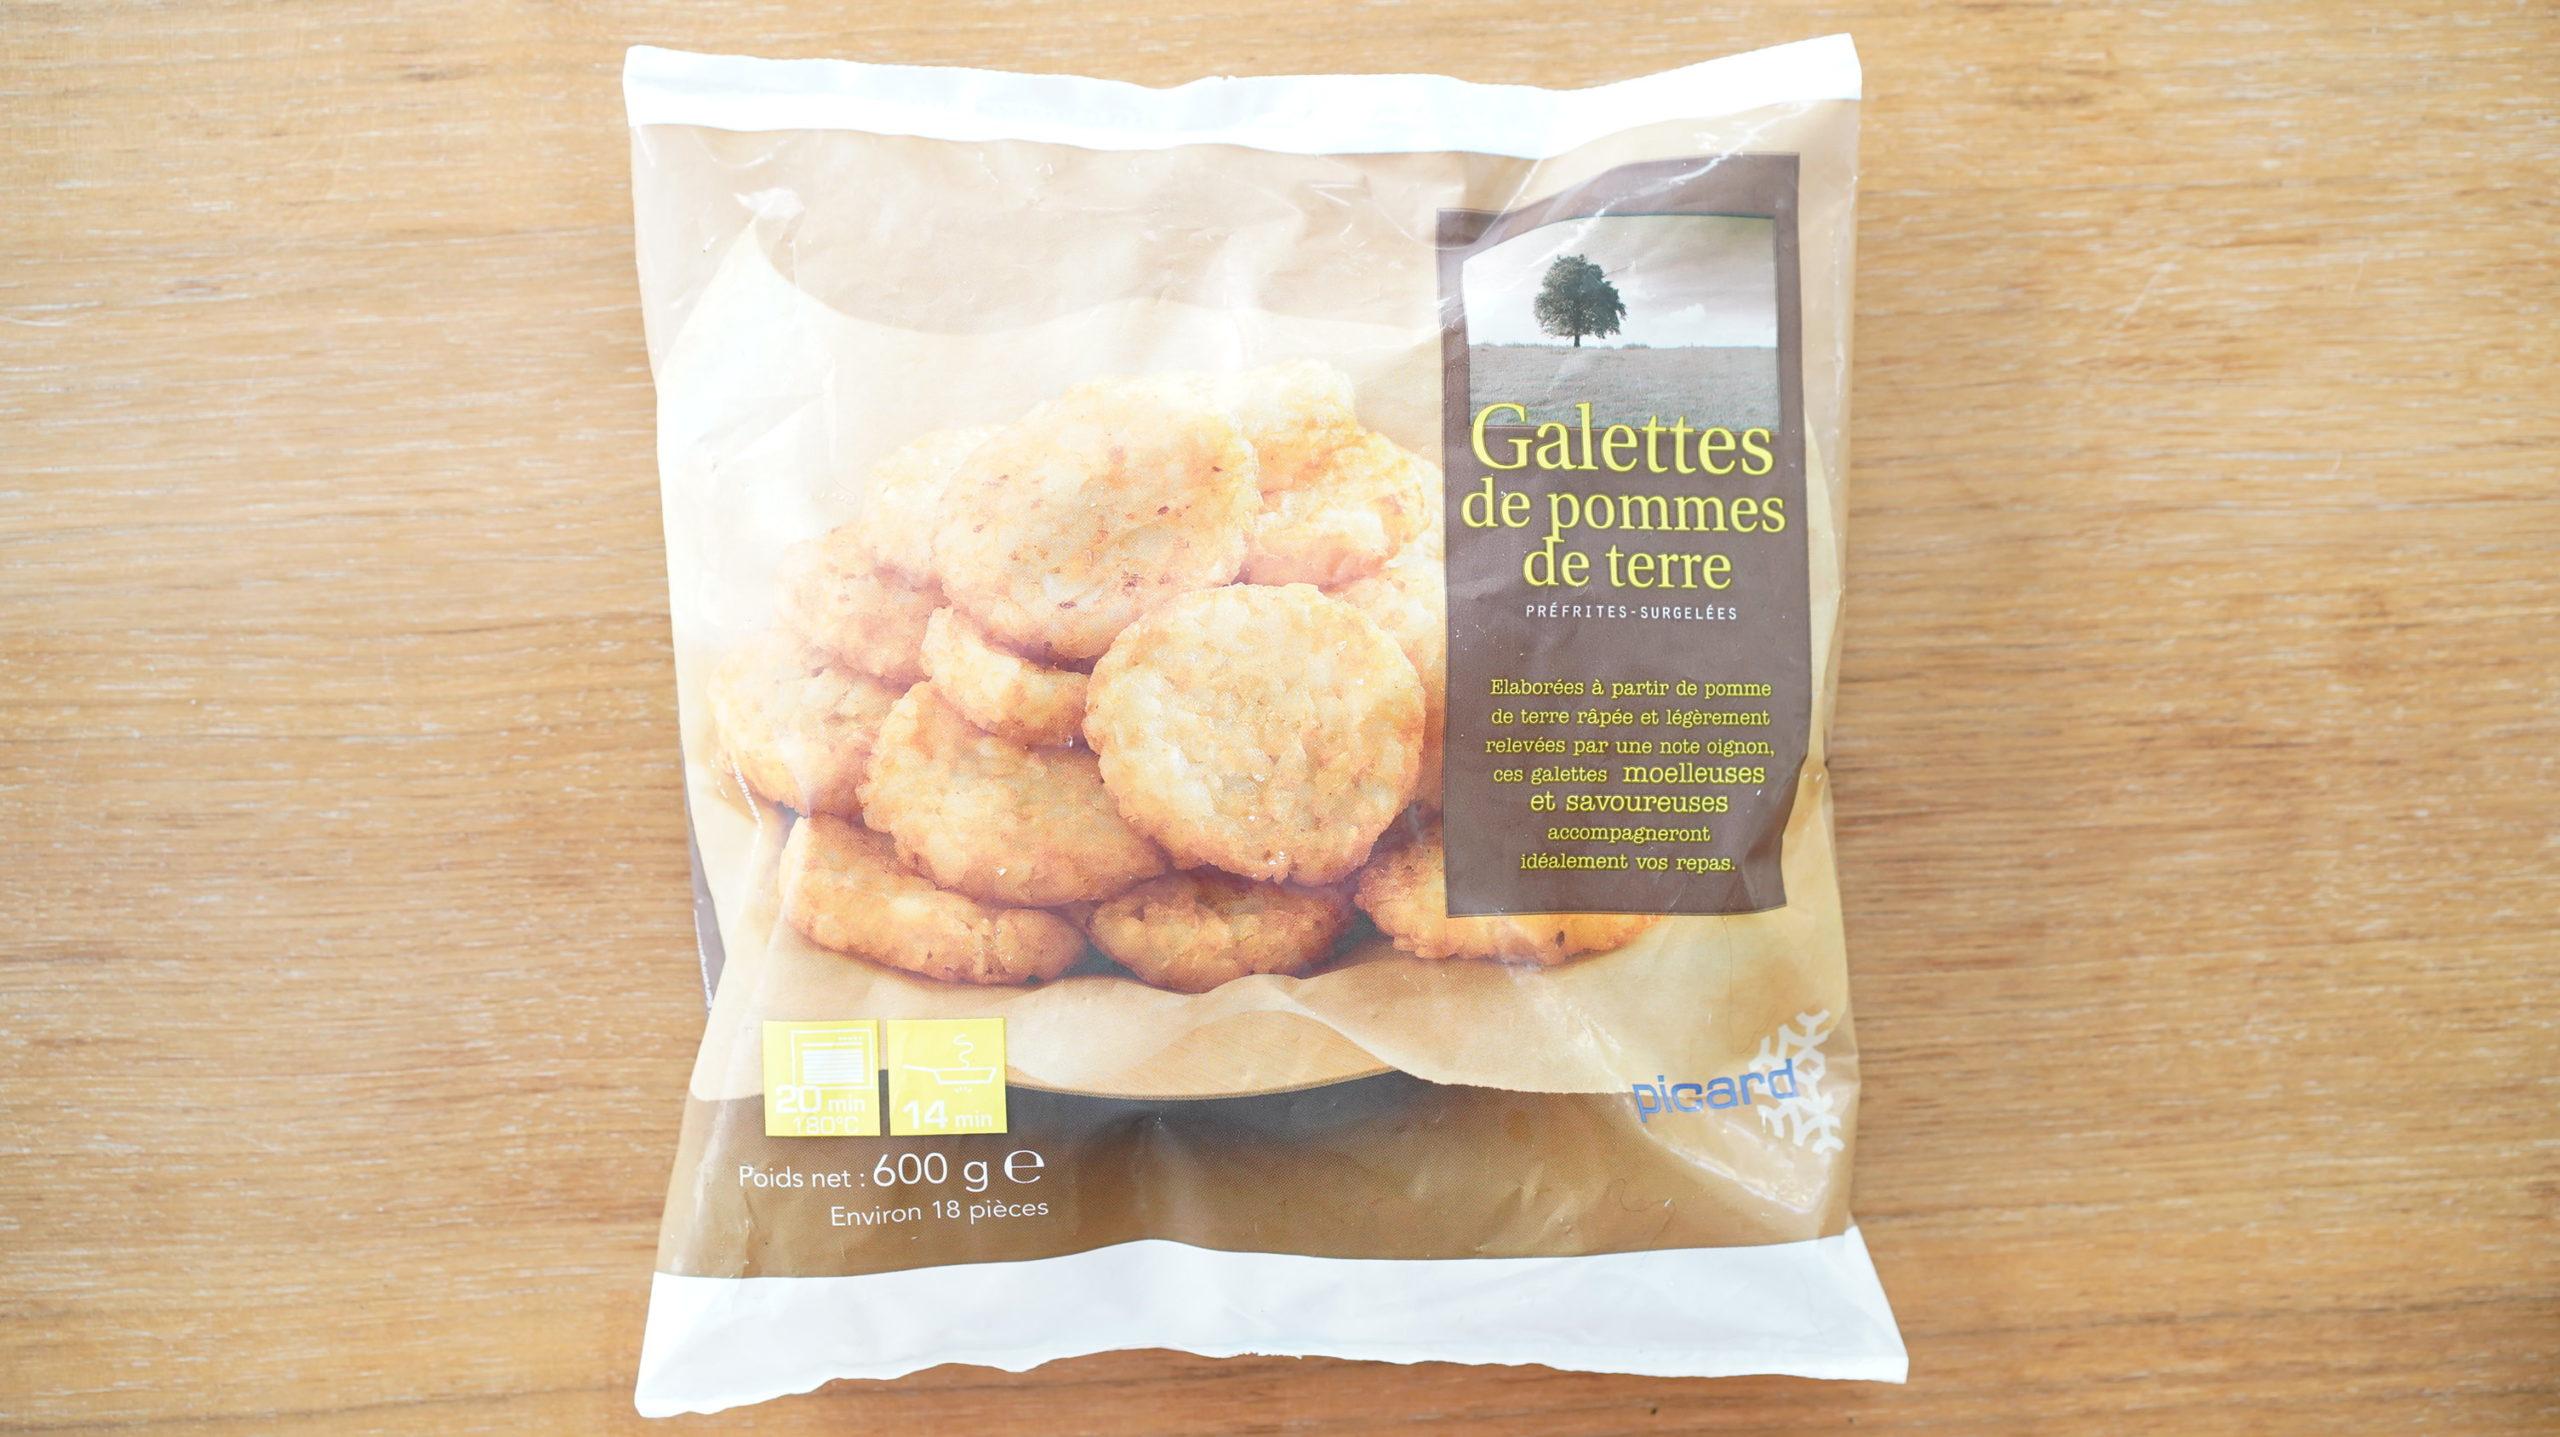 ピカールのおすすめ冷凍食品「ジャガイモのガレット」のパッケージ写真